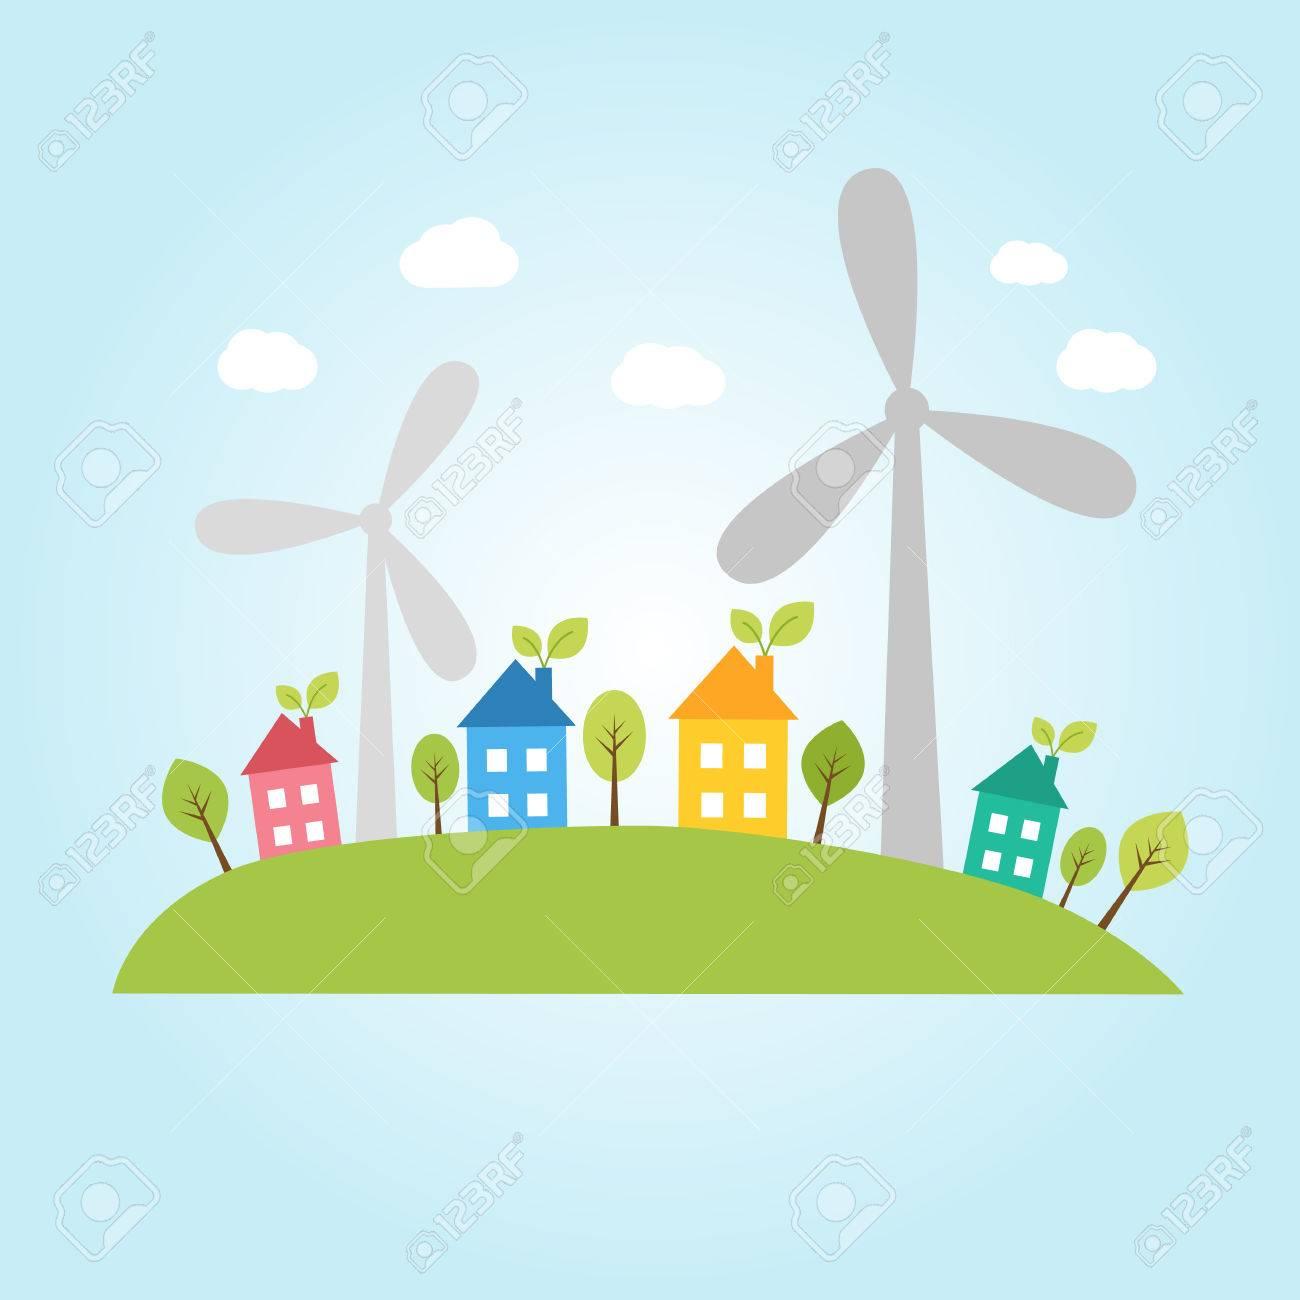 風力発電の街のイラストのイラスト素材ベクタ Image 43853851